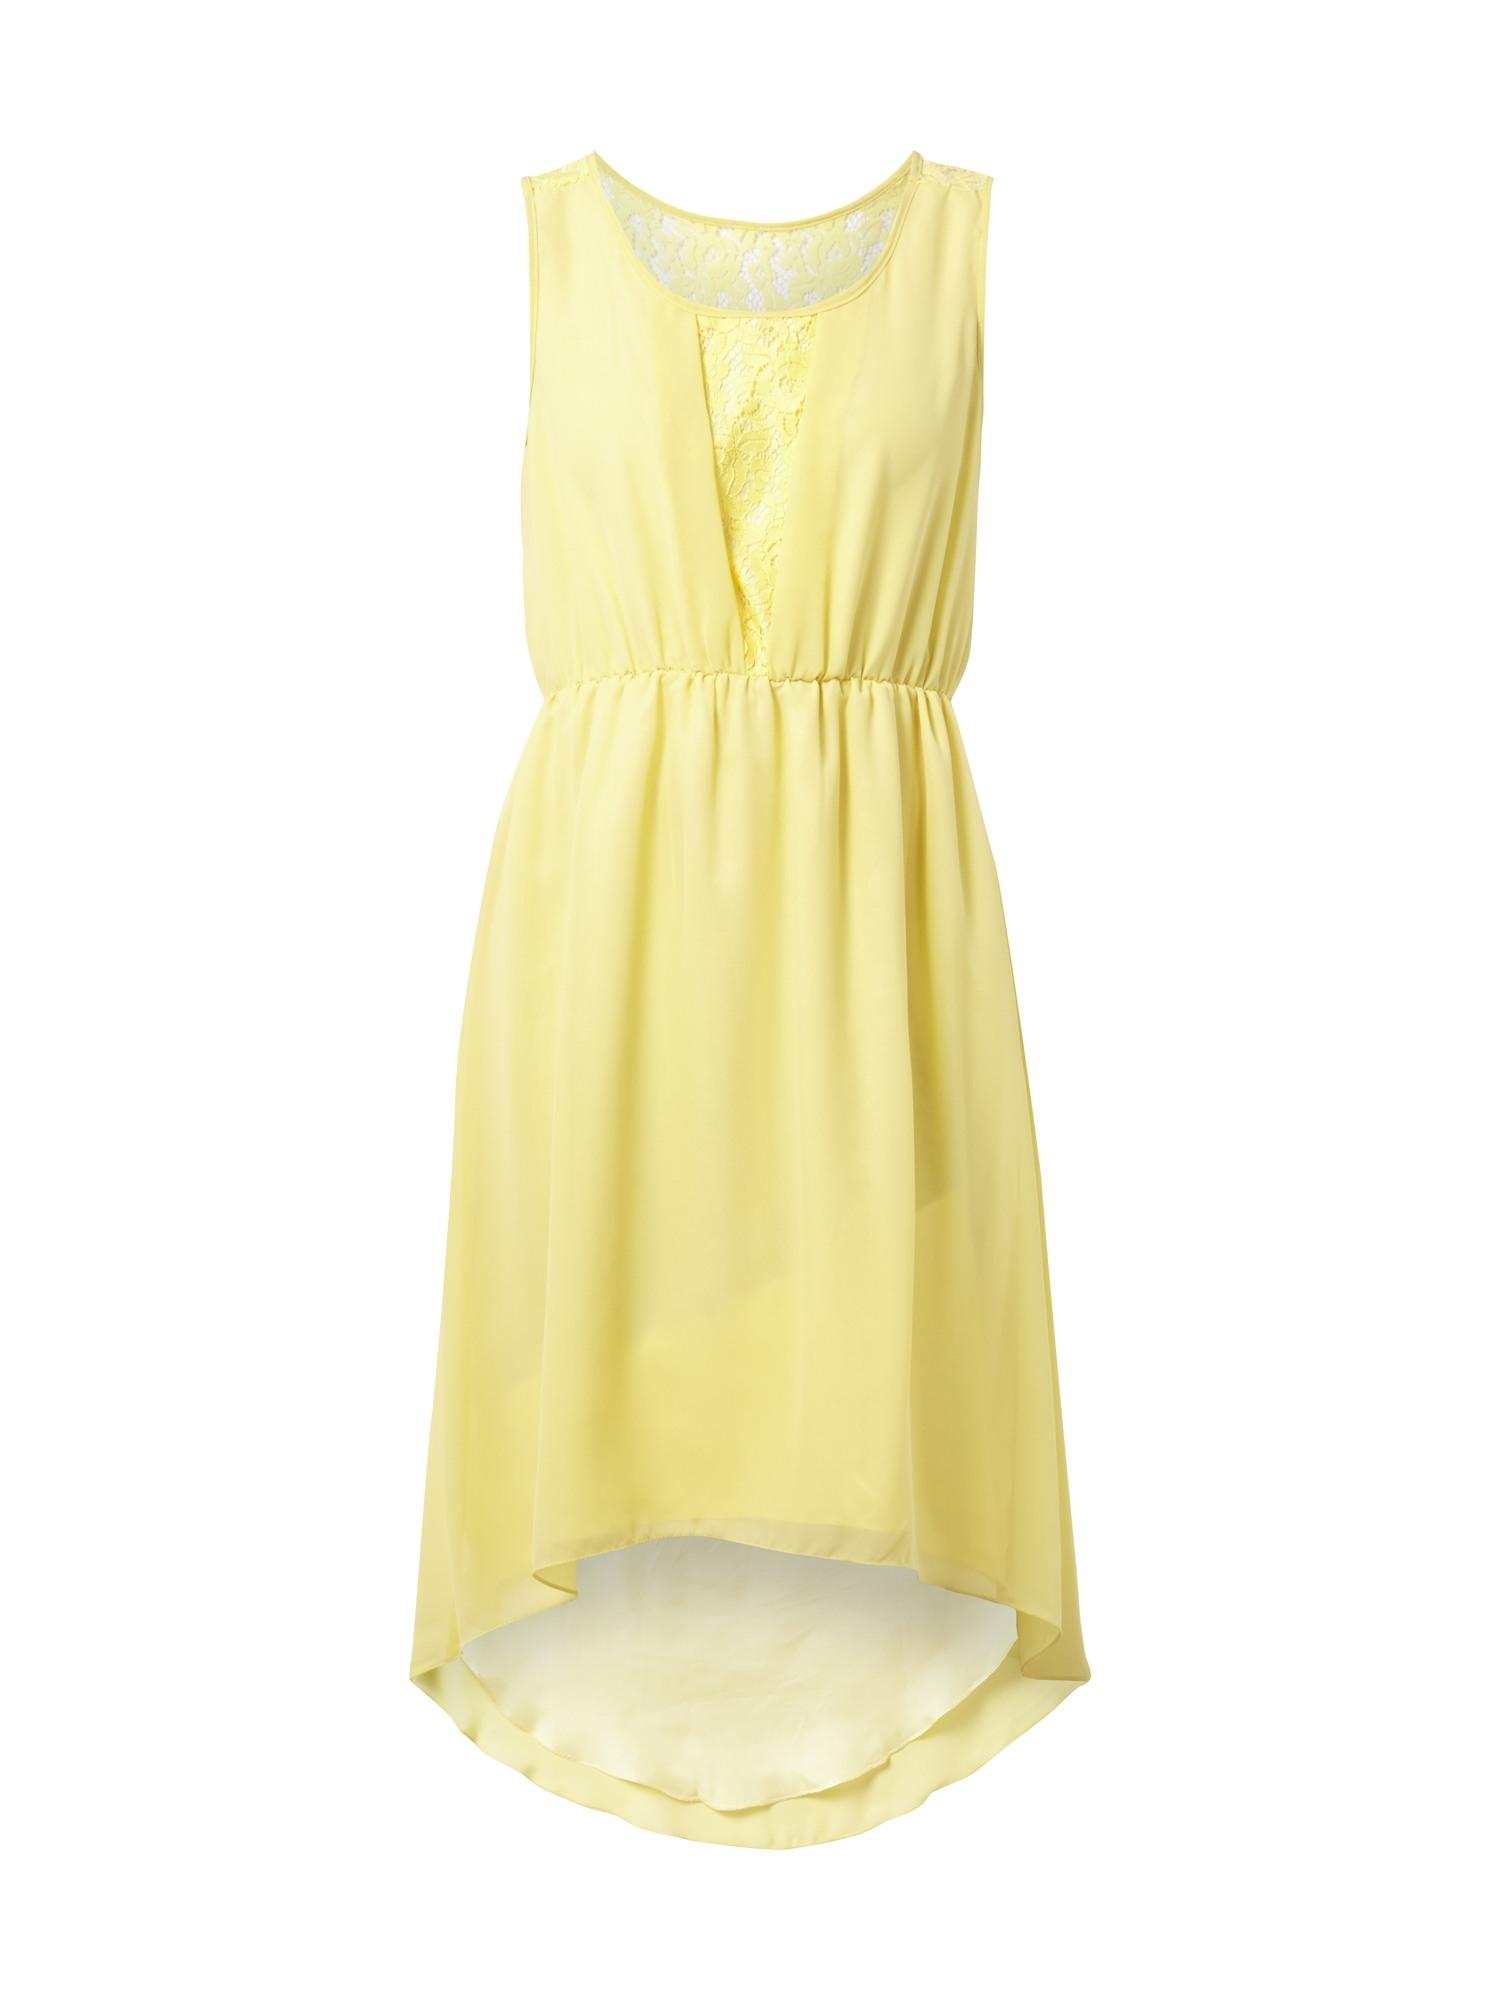 13 Luxus Kleid Gelb Spitze StylishDesigner Einfach Kleid Gelb Spitze Vertrieb